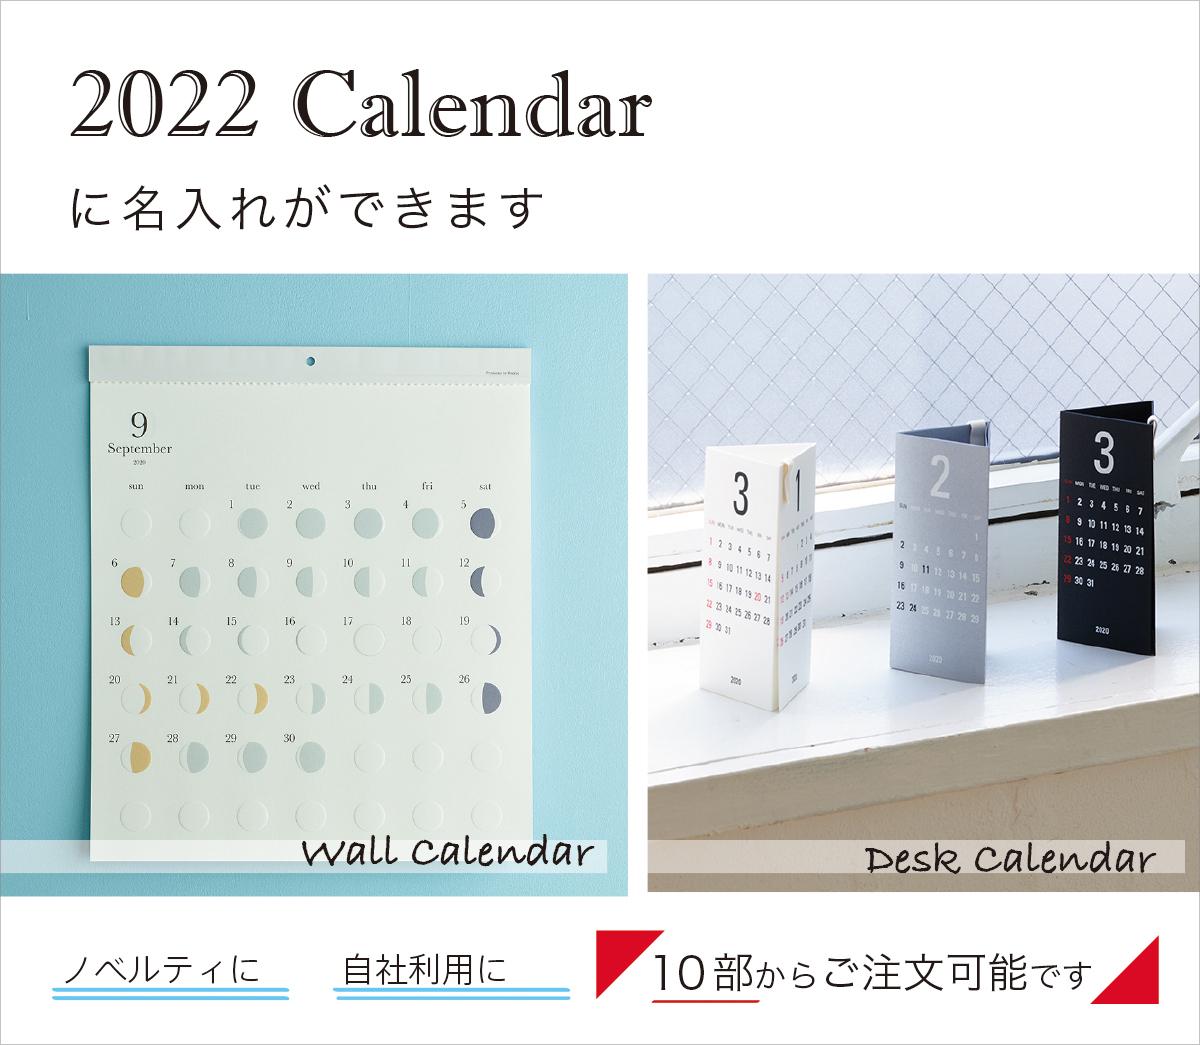 カレンダー 名入れ受付中!